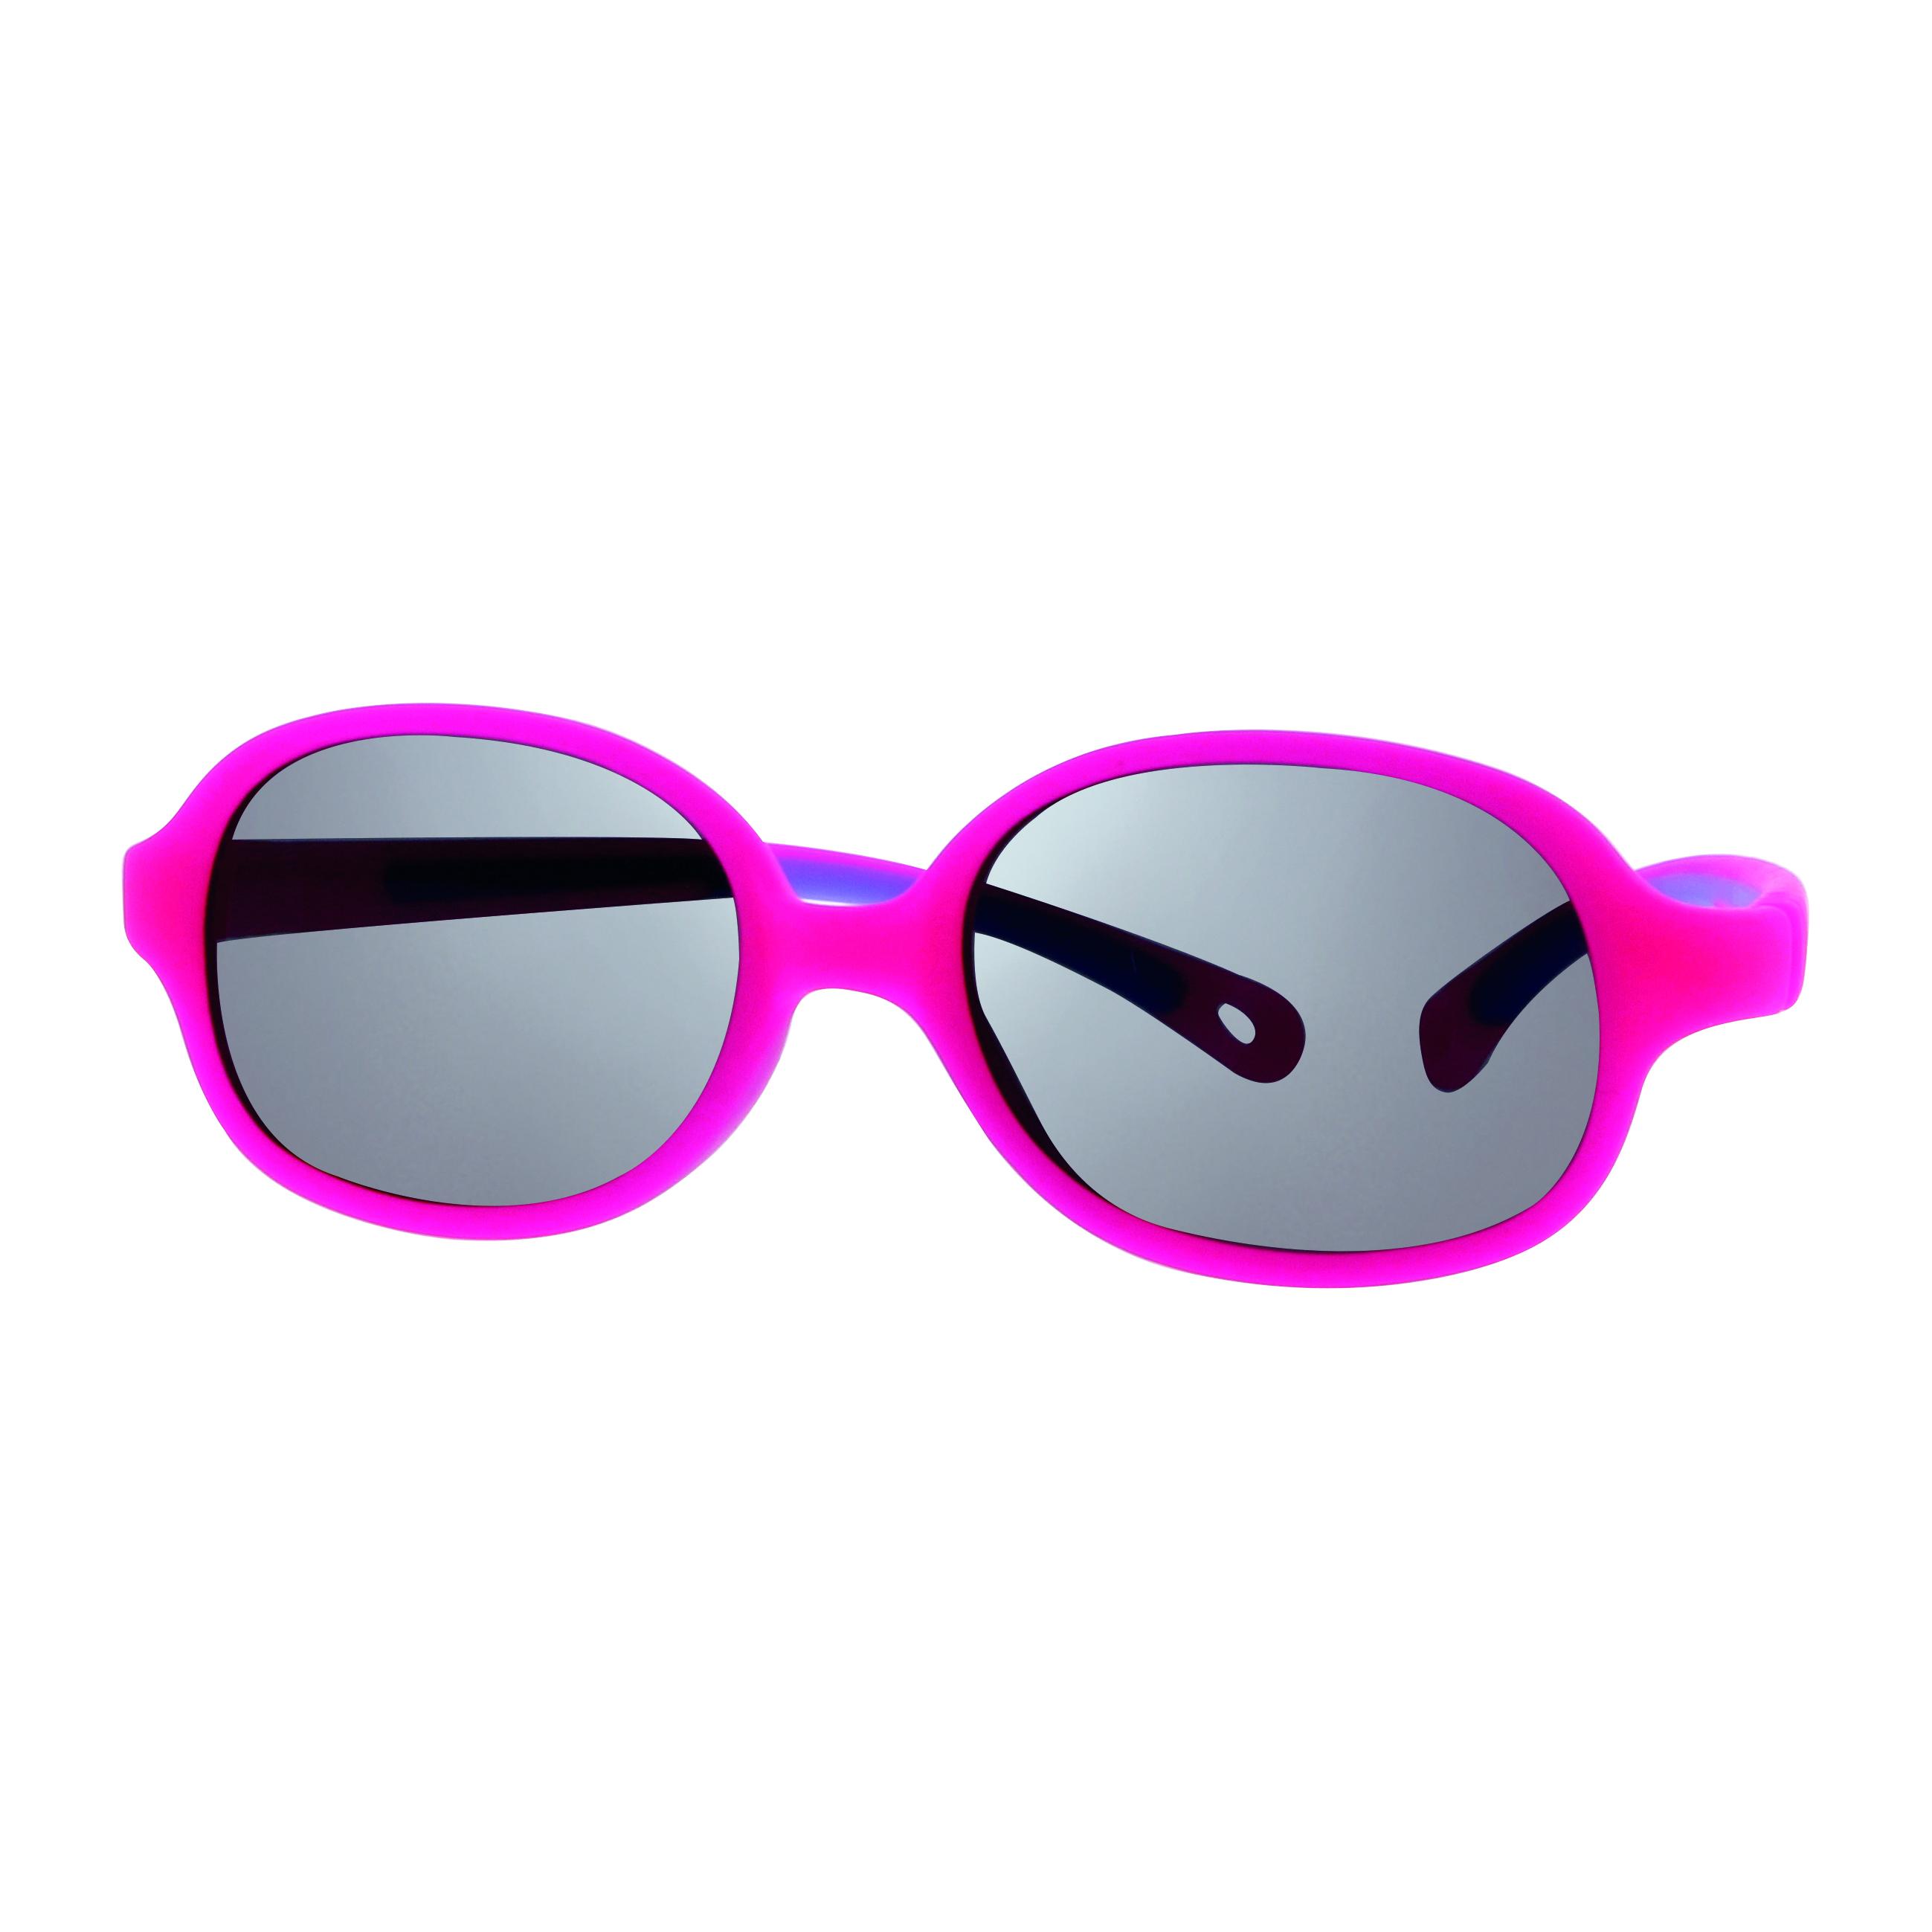 02S009544177001 - Óculos-Solar Inf Baby One Rosa 44x15 C/Estojo Mod S0095 FLAG E - Contém 1 Peça SOB ENCOMENDA